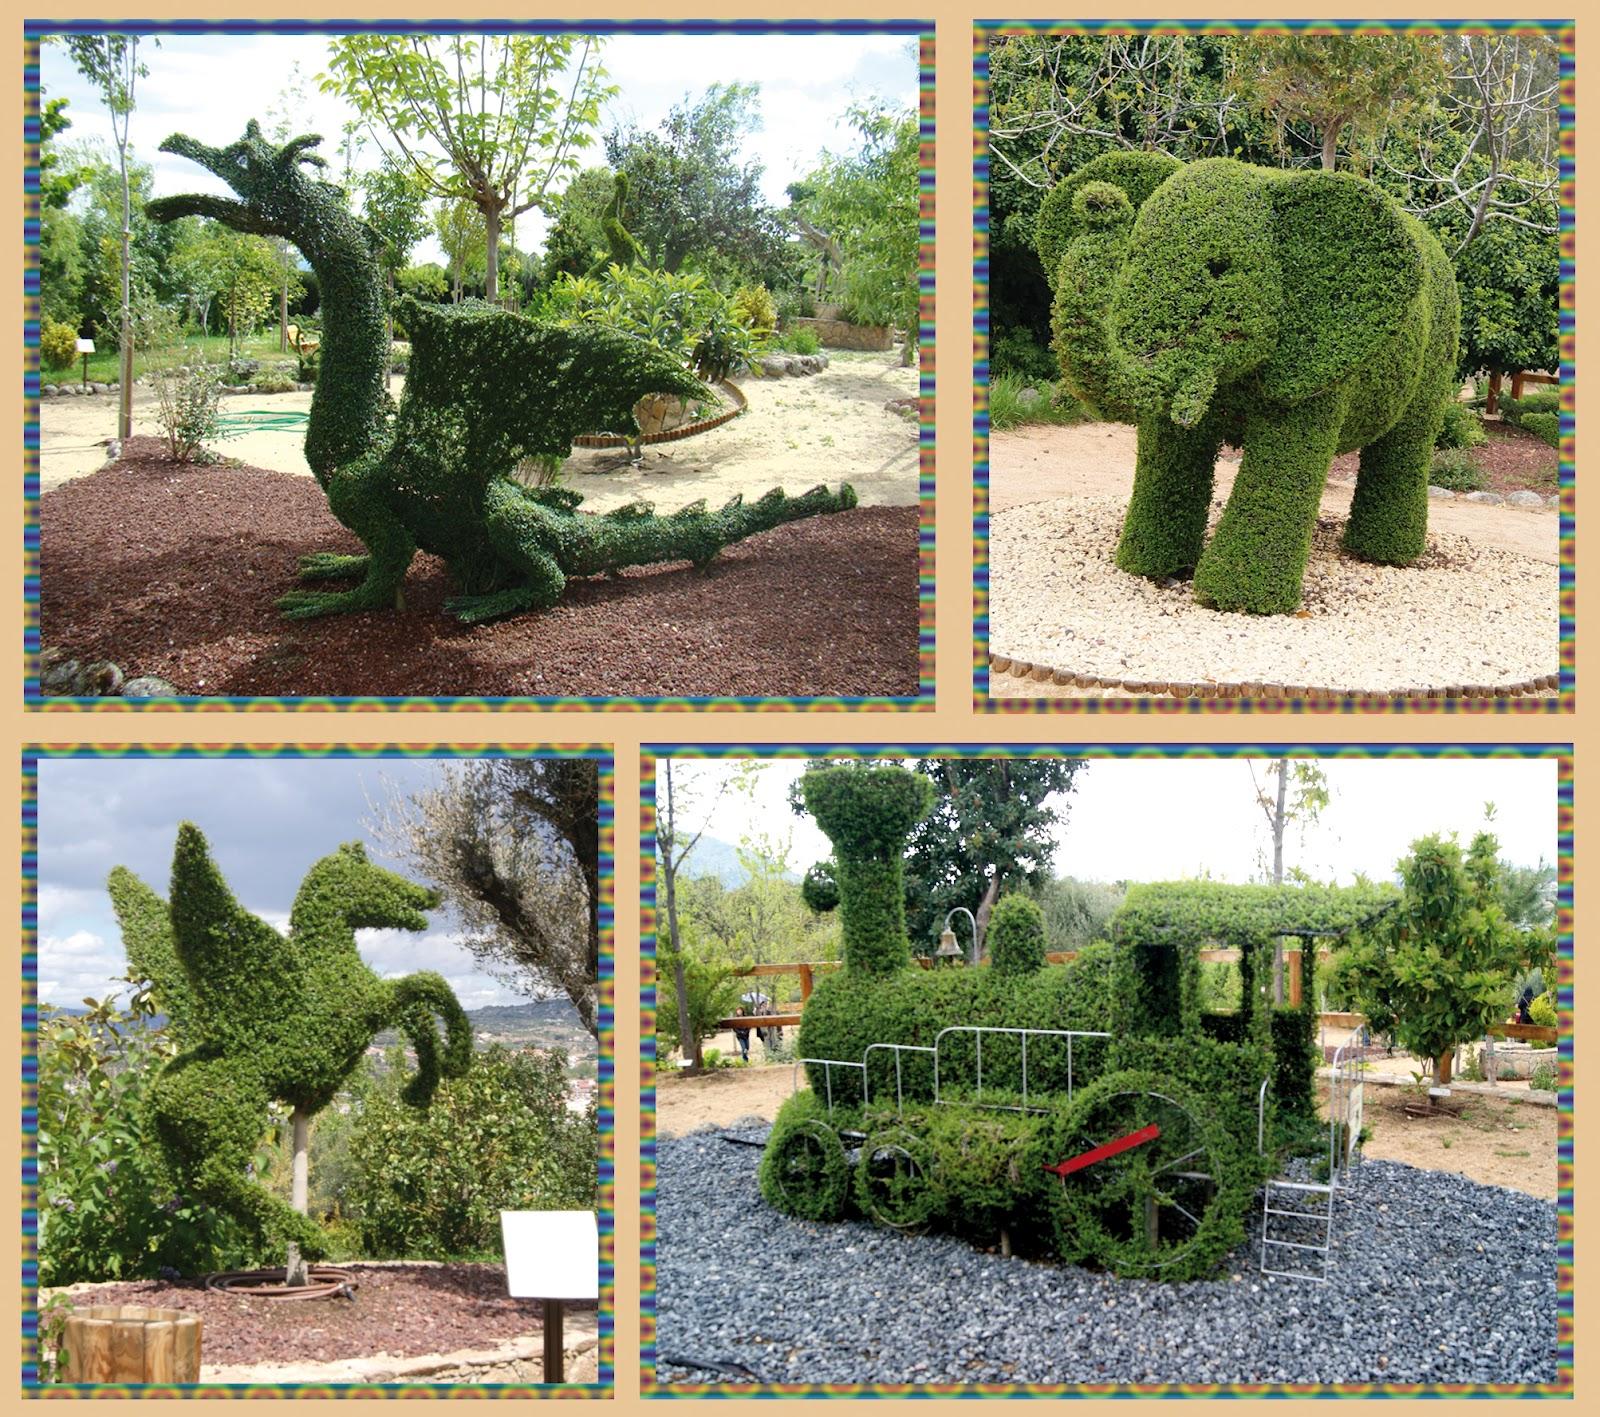 Camarus la comarca el bosque encantado - Jardin encantado madrid ...